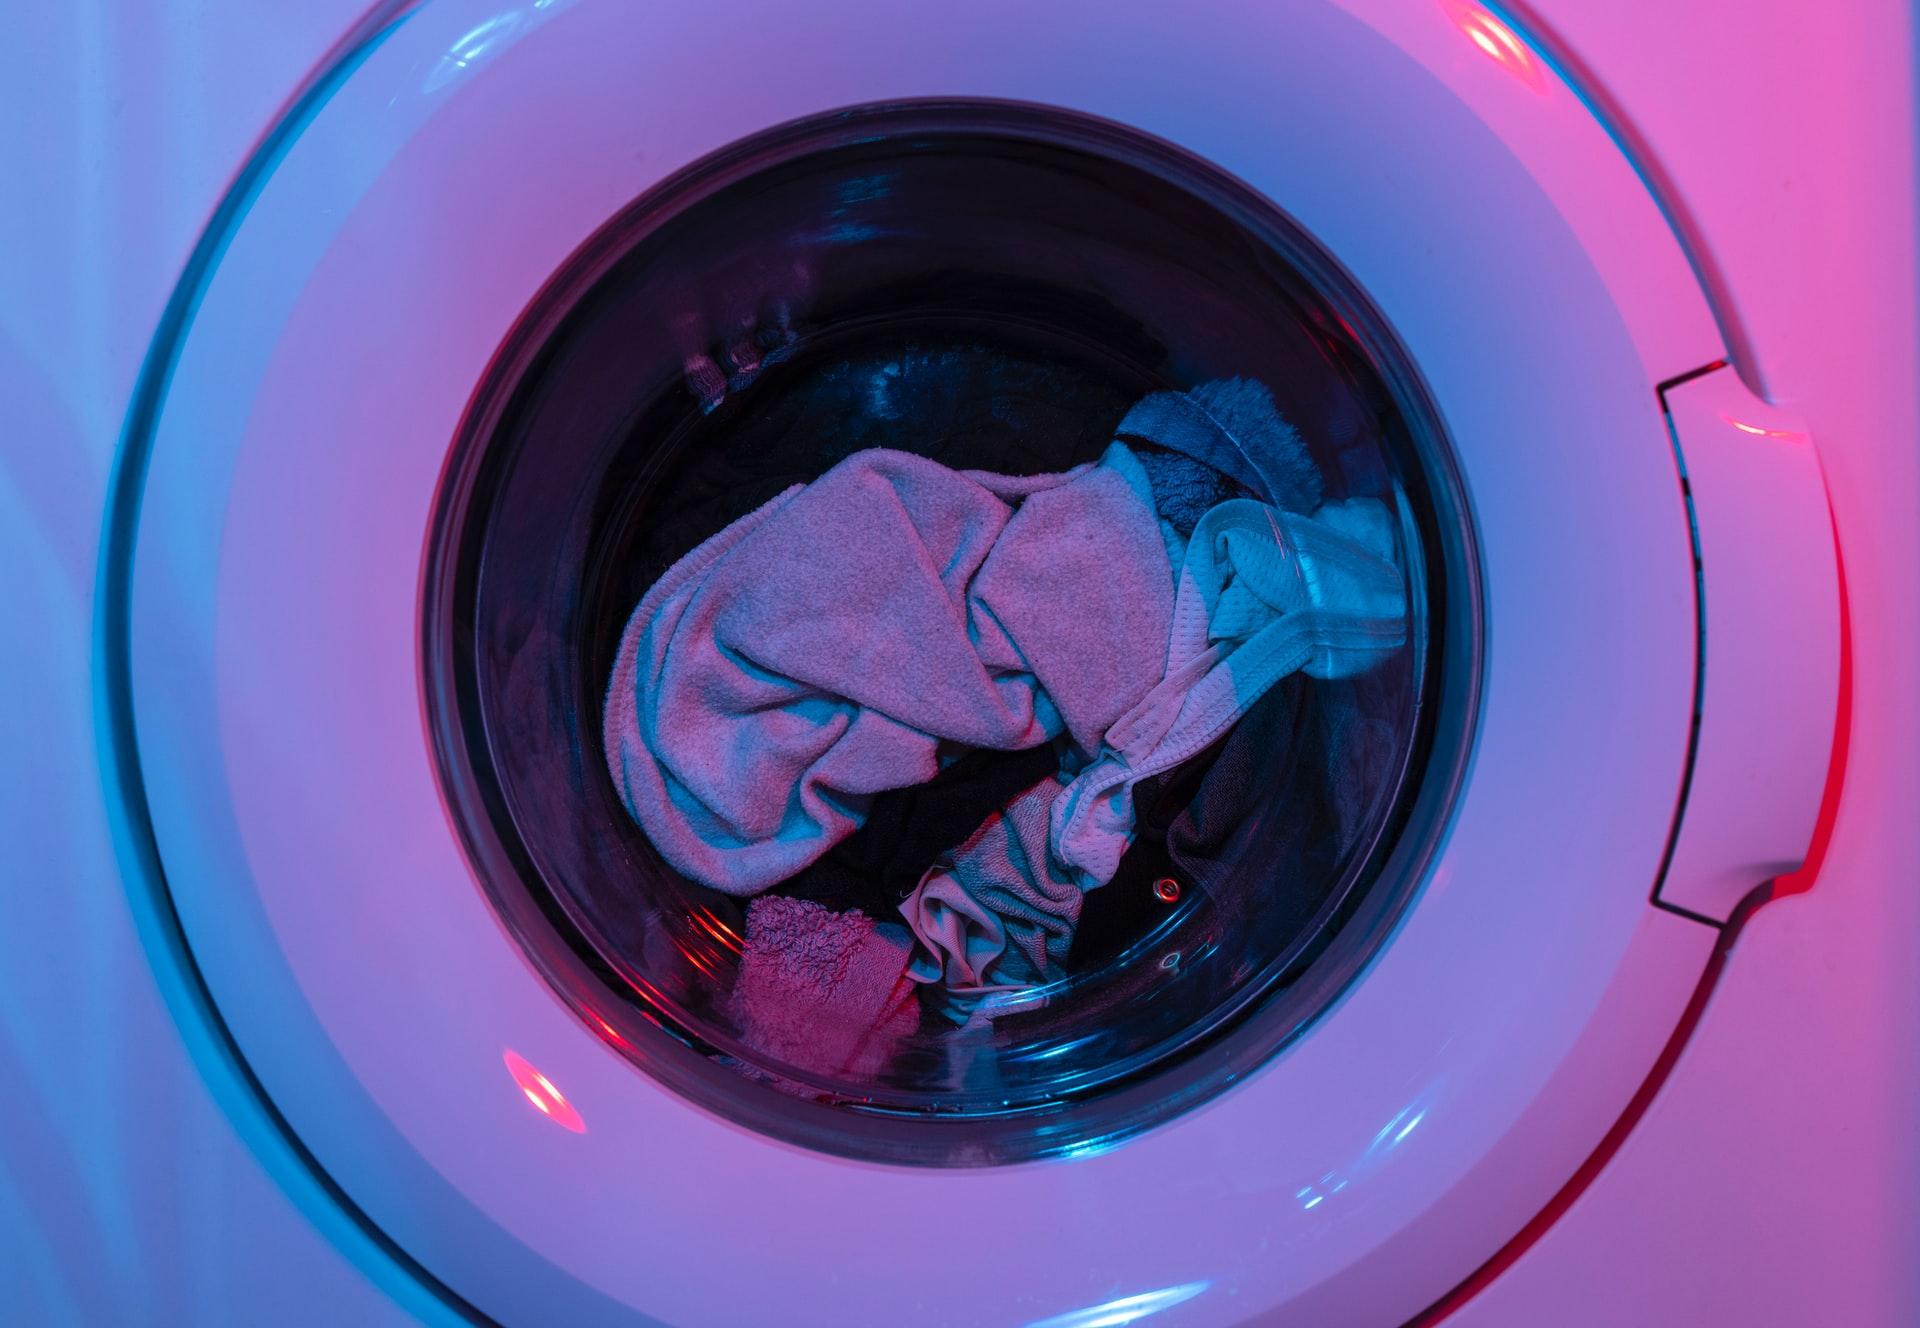 compuerta de lavadora